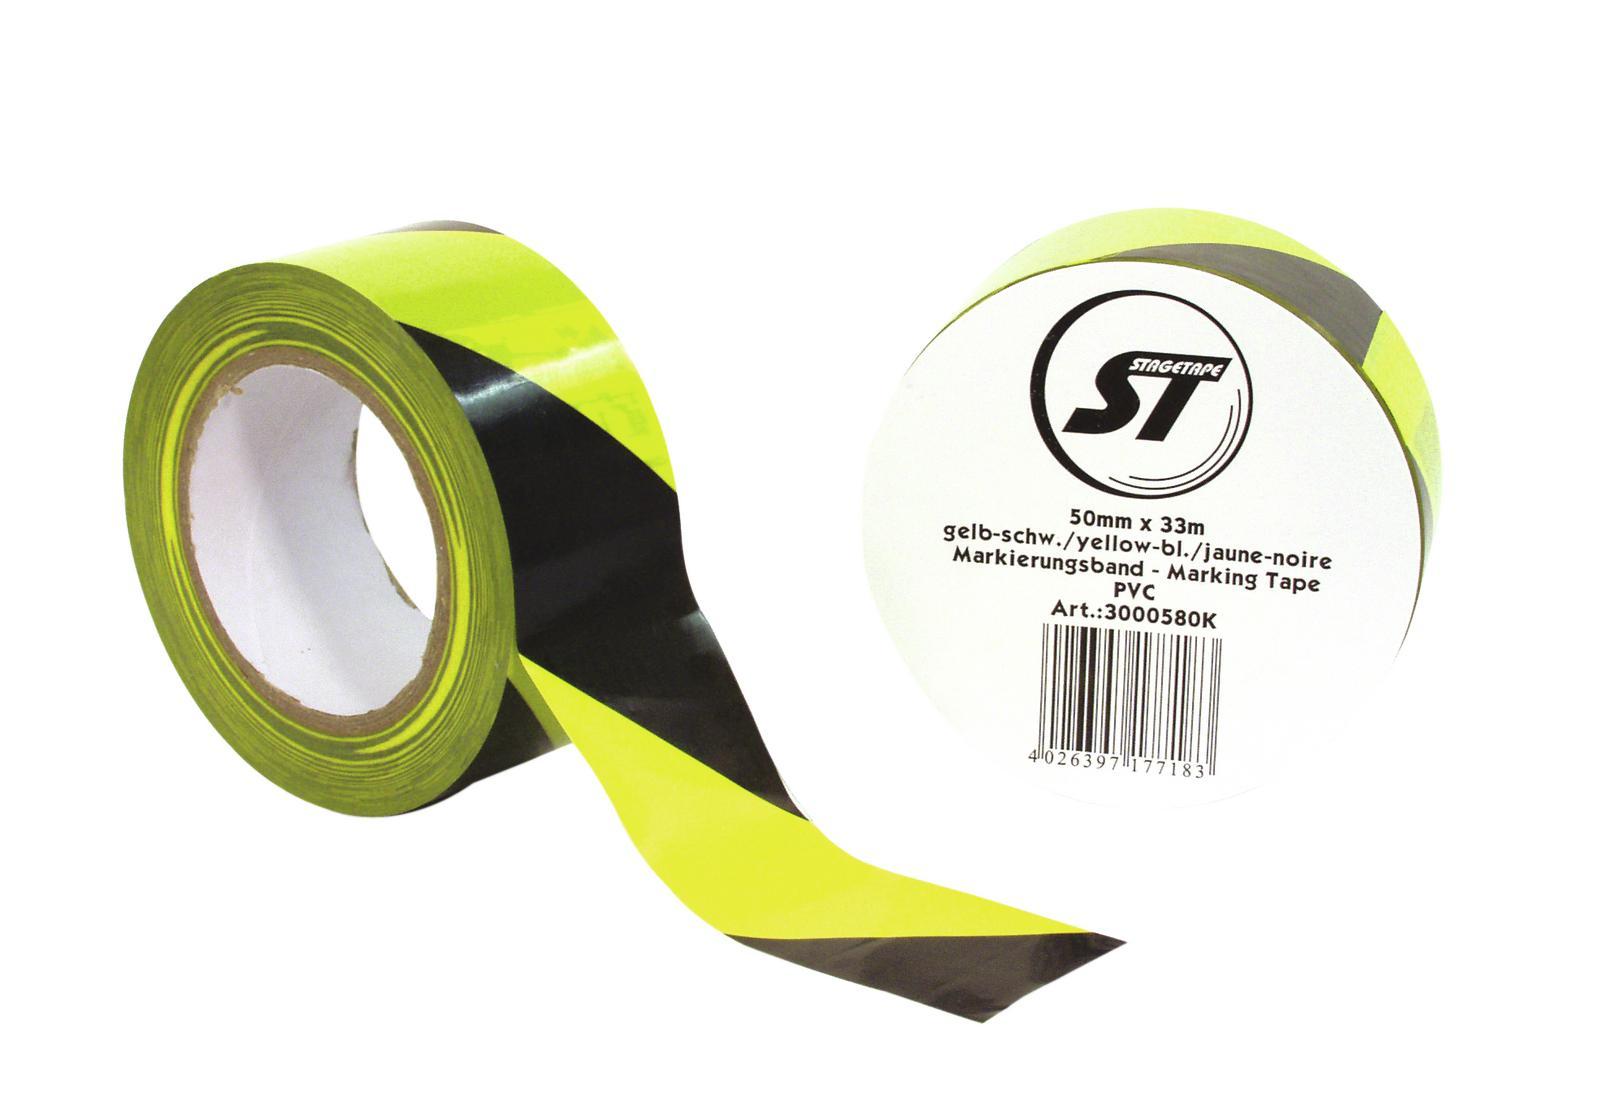 ACCESSORY Markierungsband PVC gelb/sw